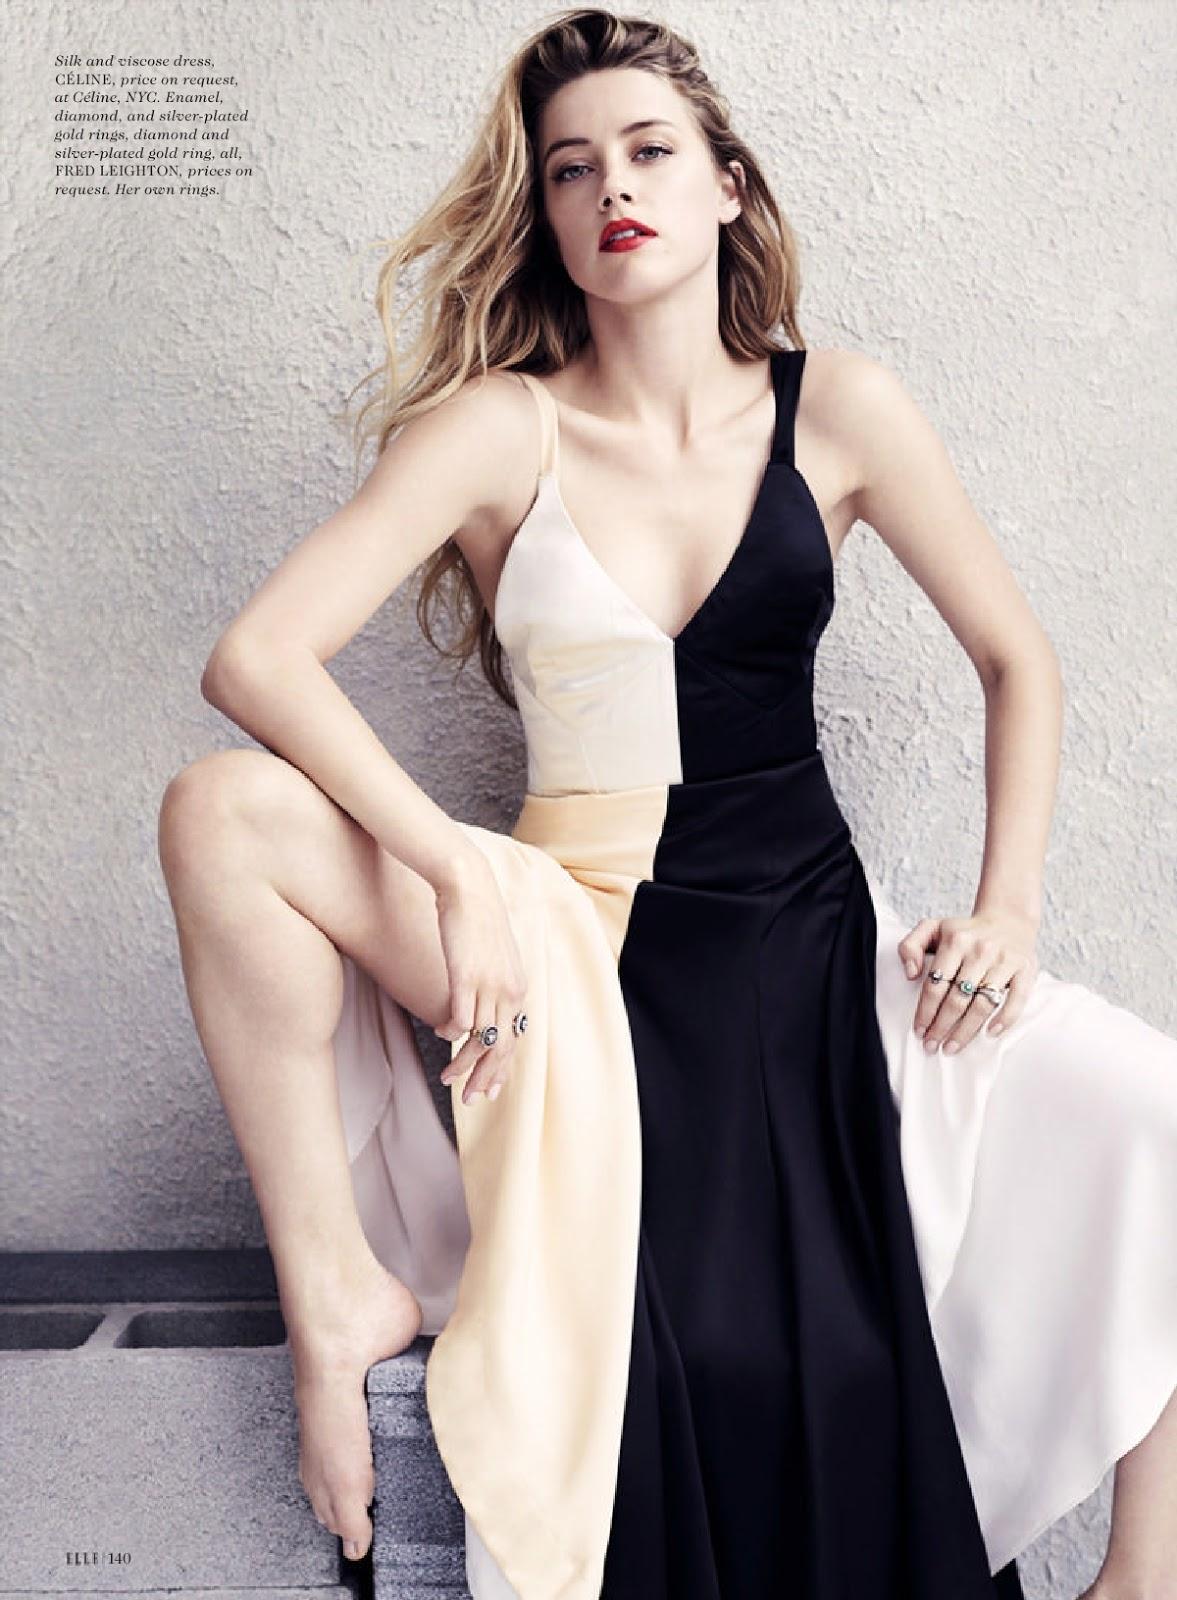 Emma Watson nude photos 2019